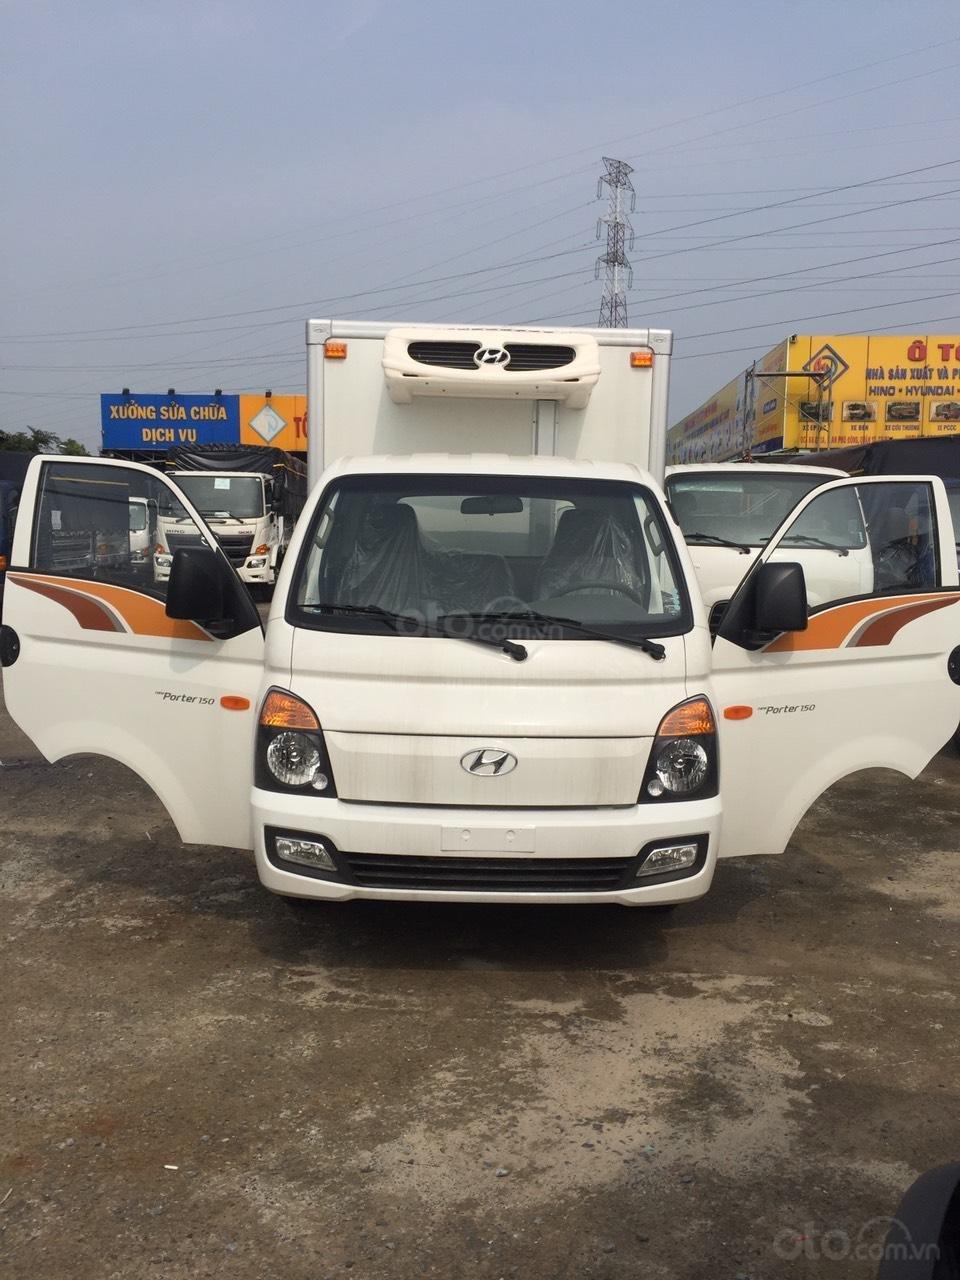 Bán Hyundai Porter năm 2019, màu trắng, nhập khẩu nguyên chiếc, giá chỉ 499 triệu - giao ngay (1)